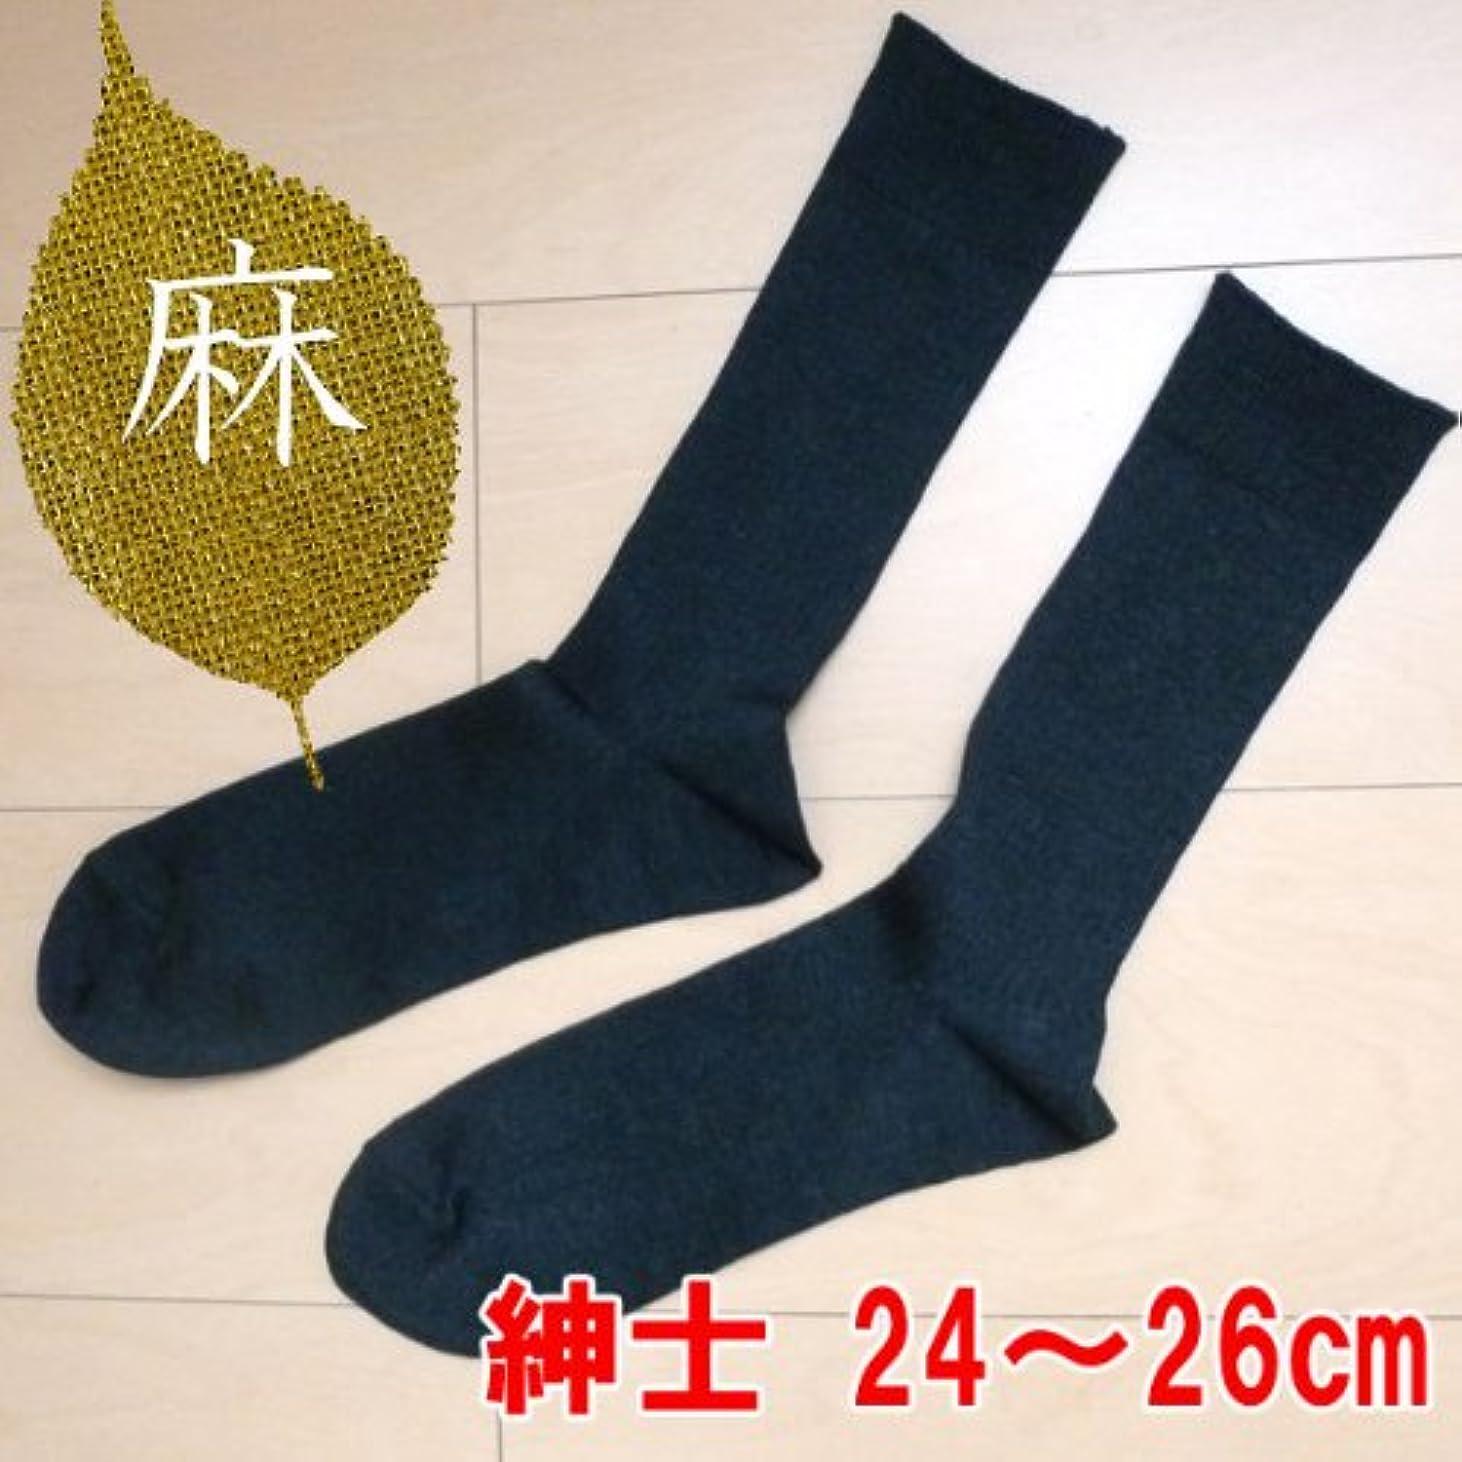 乗算あごひげ命令的リブソックス 麻 日本製 男性用 無地 24~26cm 防臭 速乾